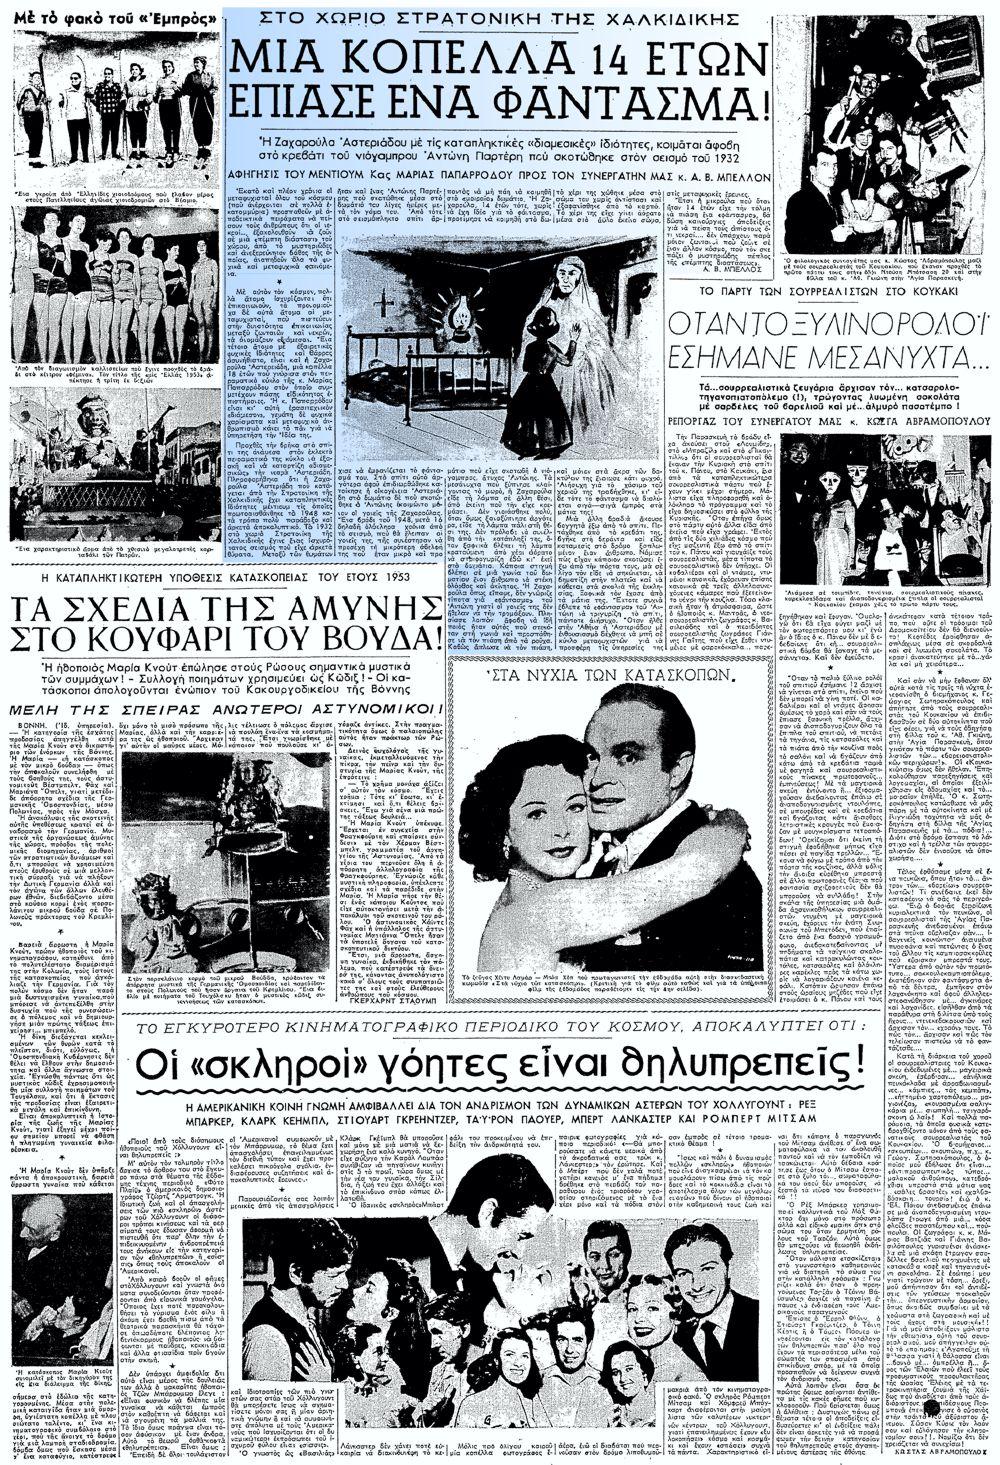 """Το άρθρο, όπως δημοσιεύθηκε στην εφημερίδα """"ΕΜΠΡΟΣ"""", την 17/02/1953"""